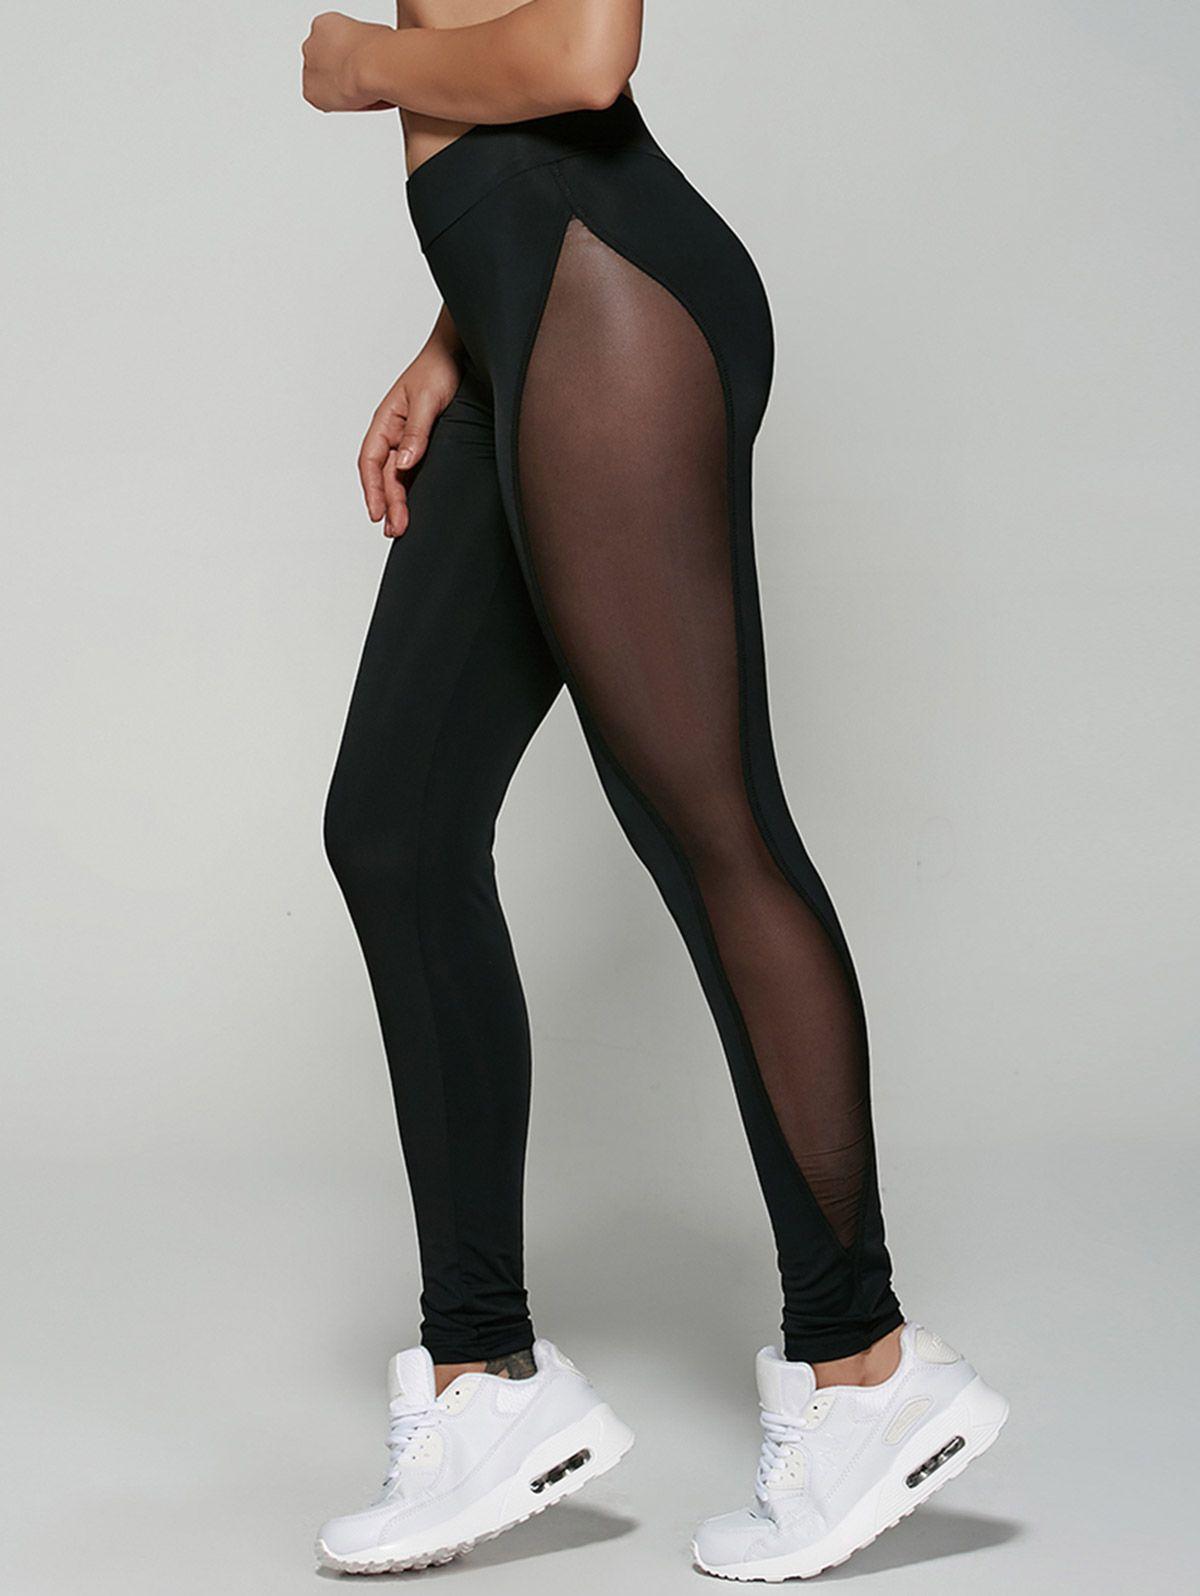 See-Through Mesh Leggings | Mesh Mesh leggings and Leggings